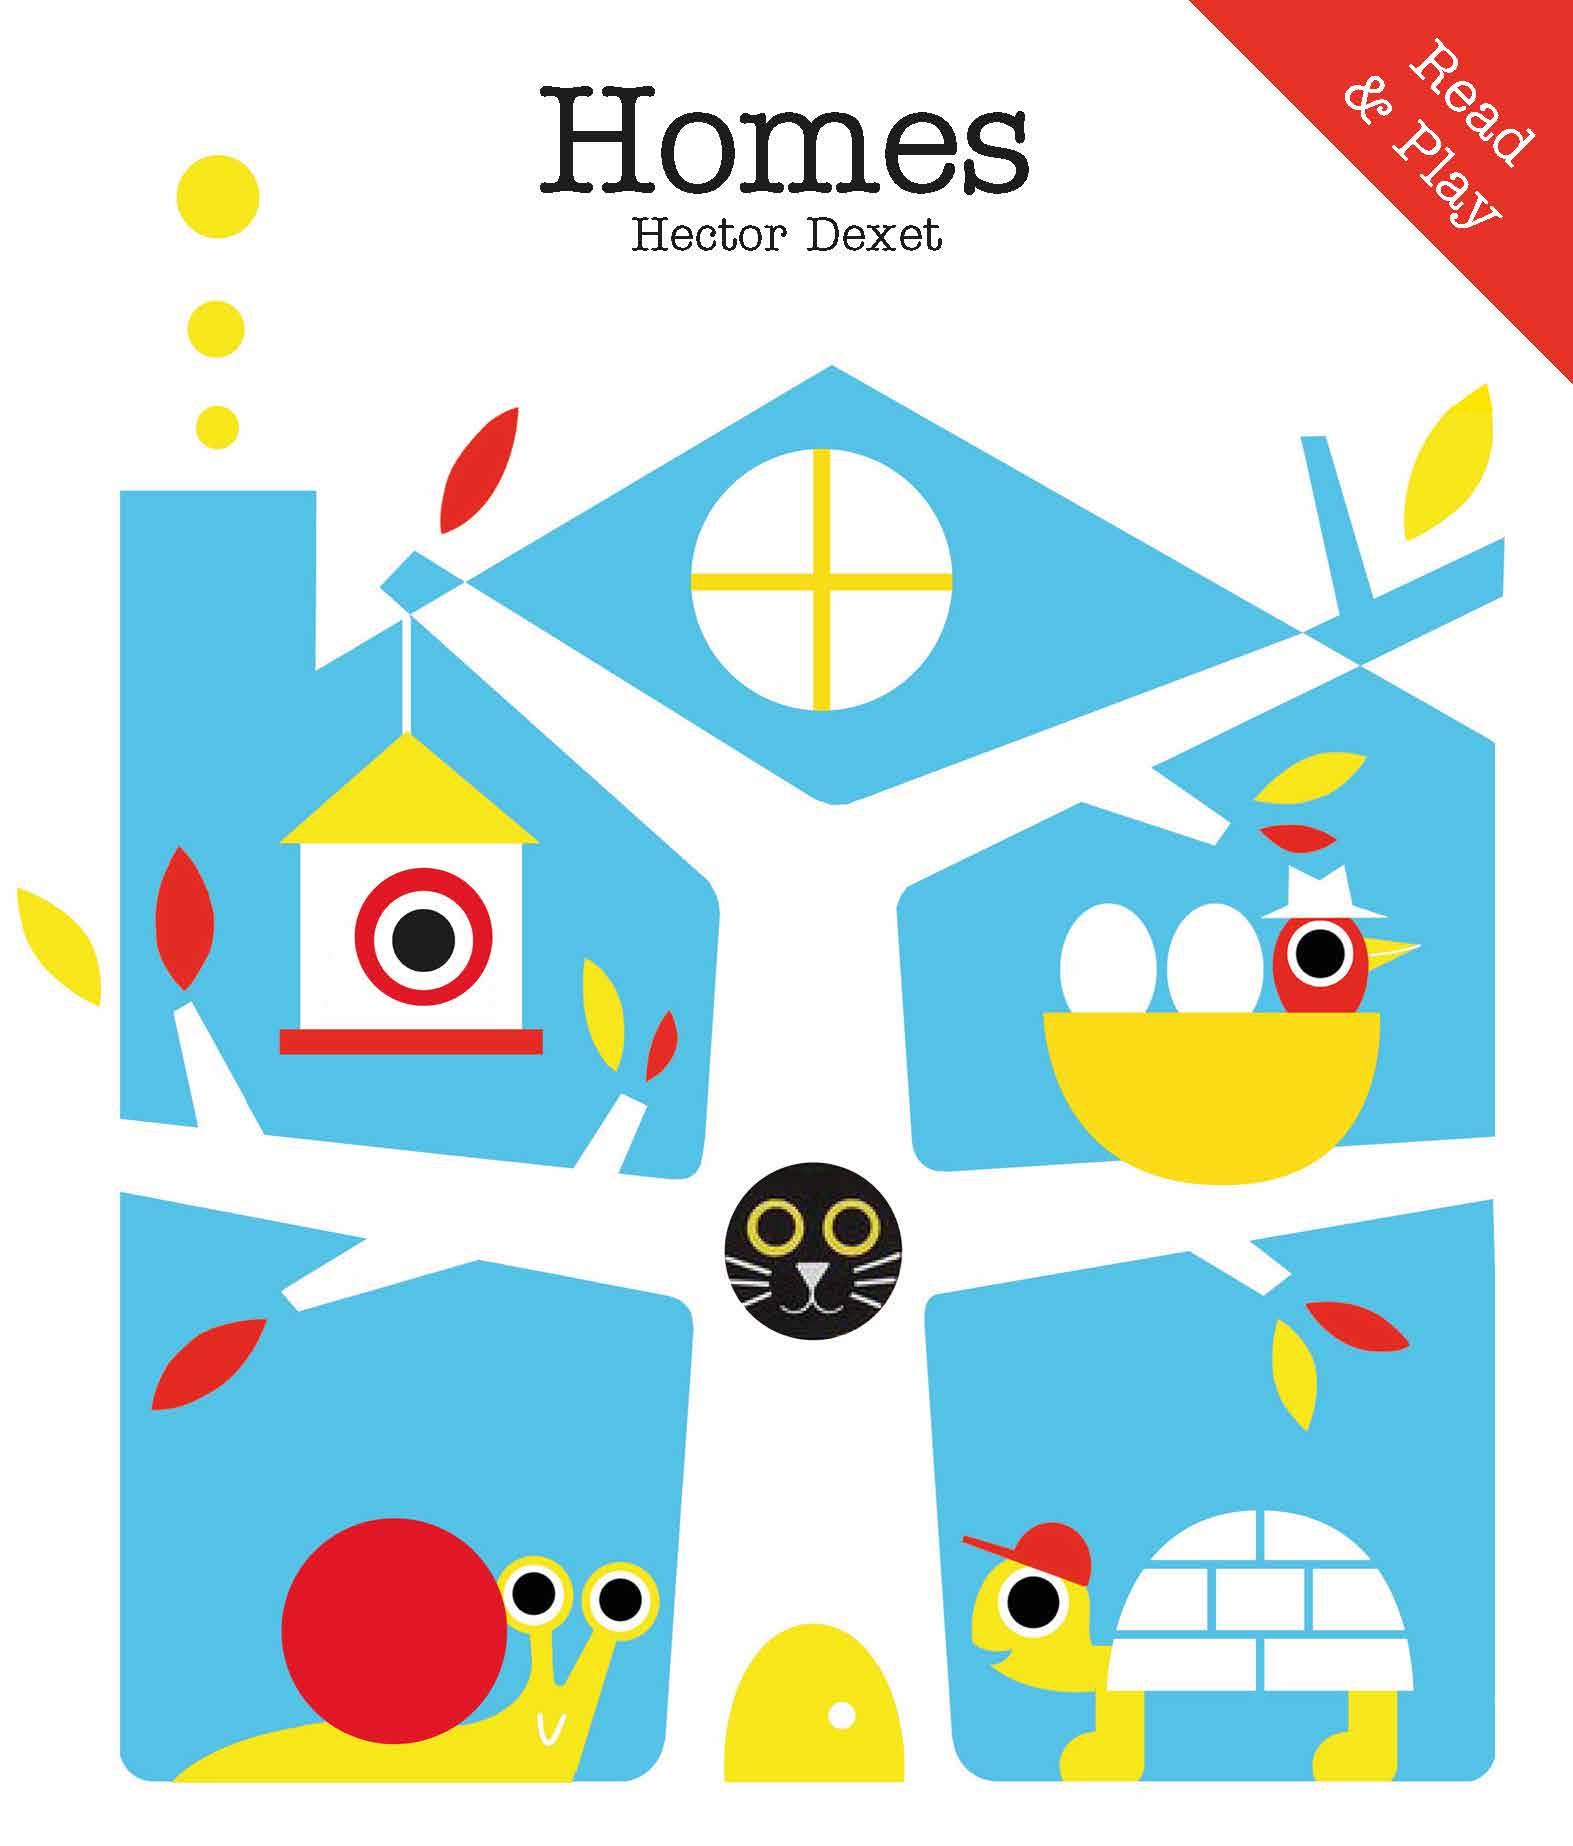 Homes - Product Thumbnail